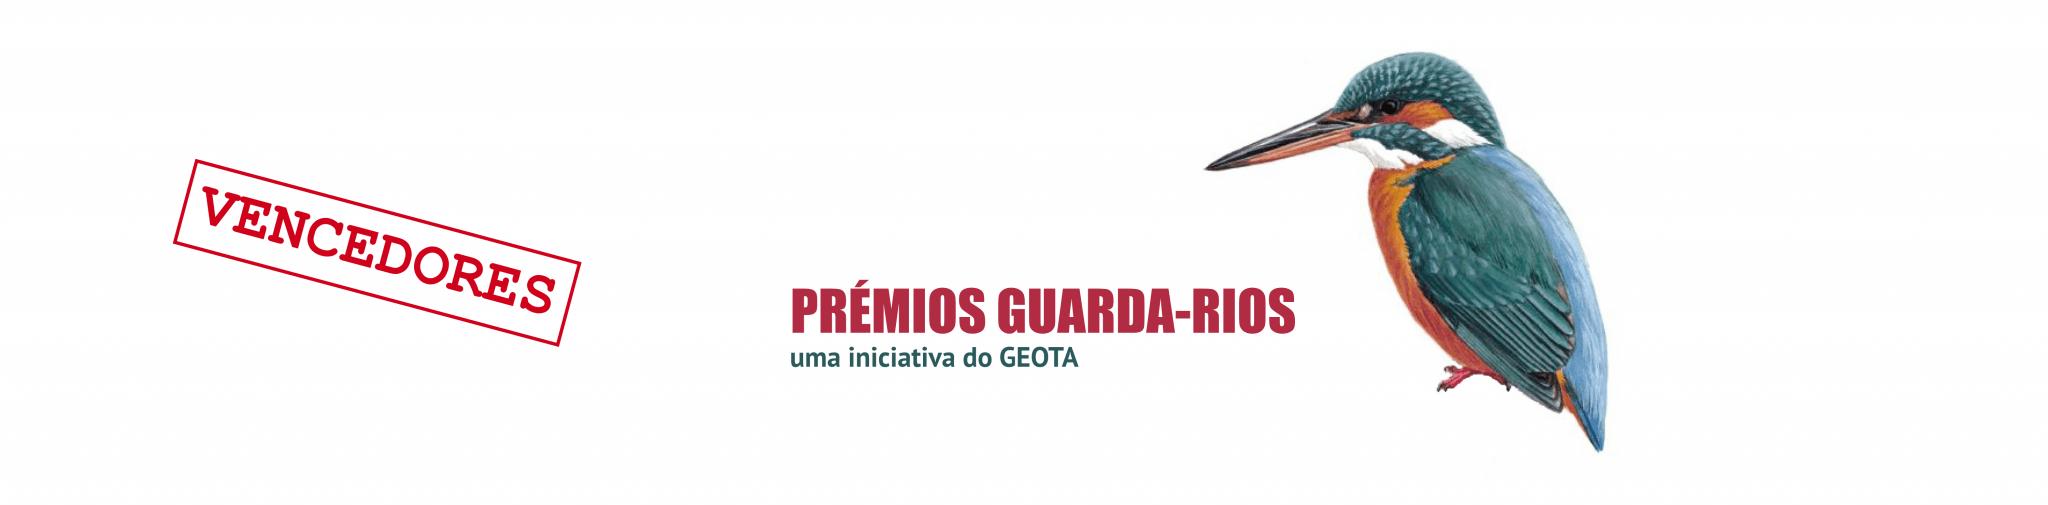 Conhece os vencedores do Prémio Guarda-Rios 2018